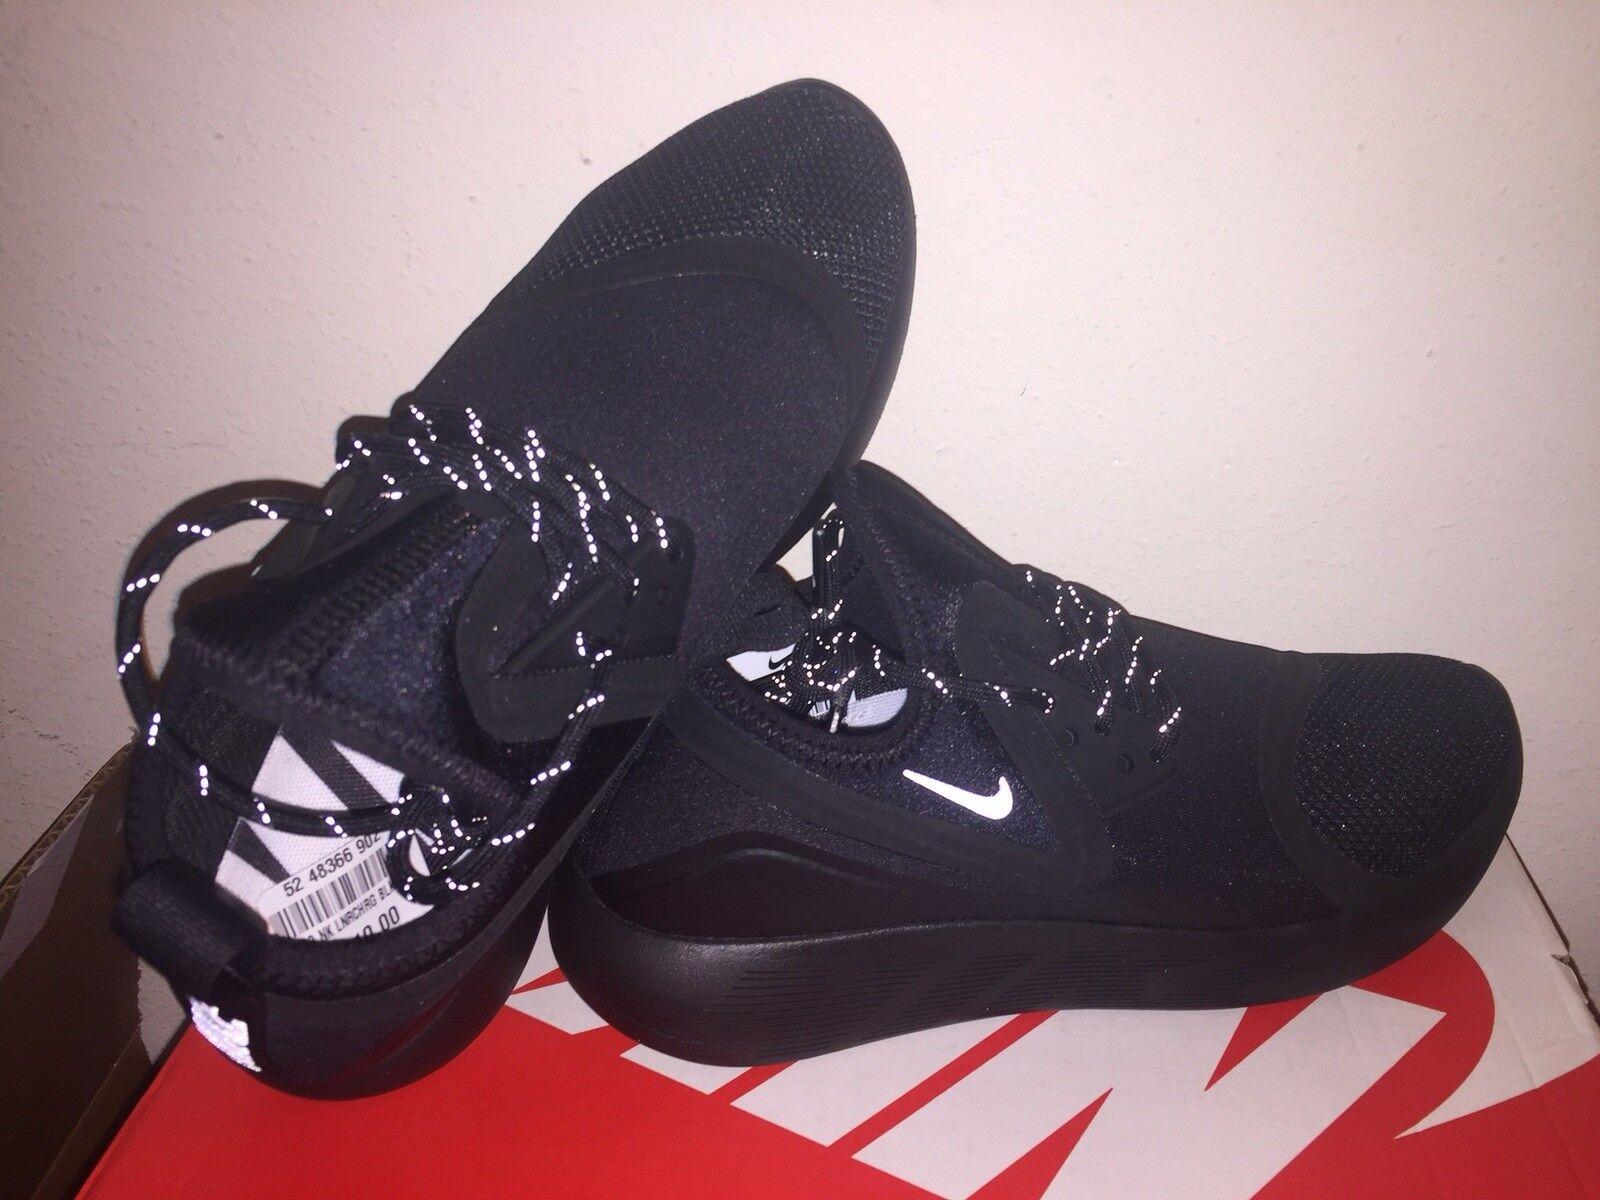 donna Nike Lunar  Charge Dimensione 8 Nuovo w   Box E Un pacchetto di Socks Nike  Sconto del 60%